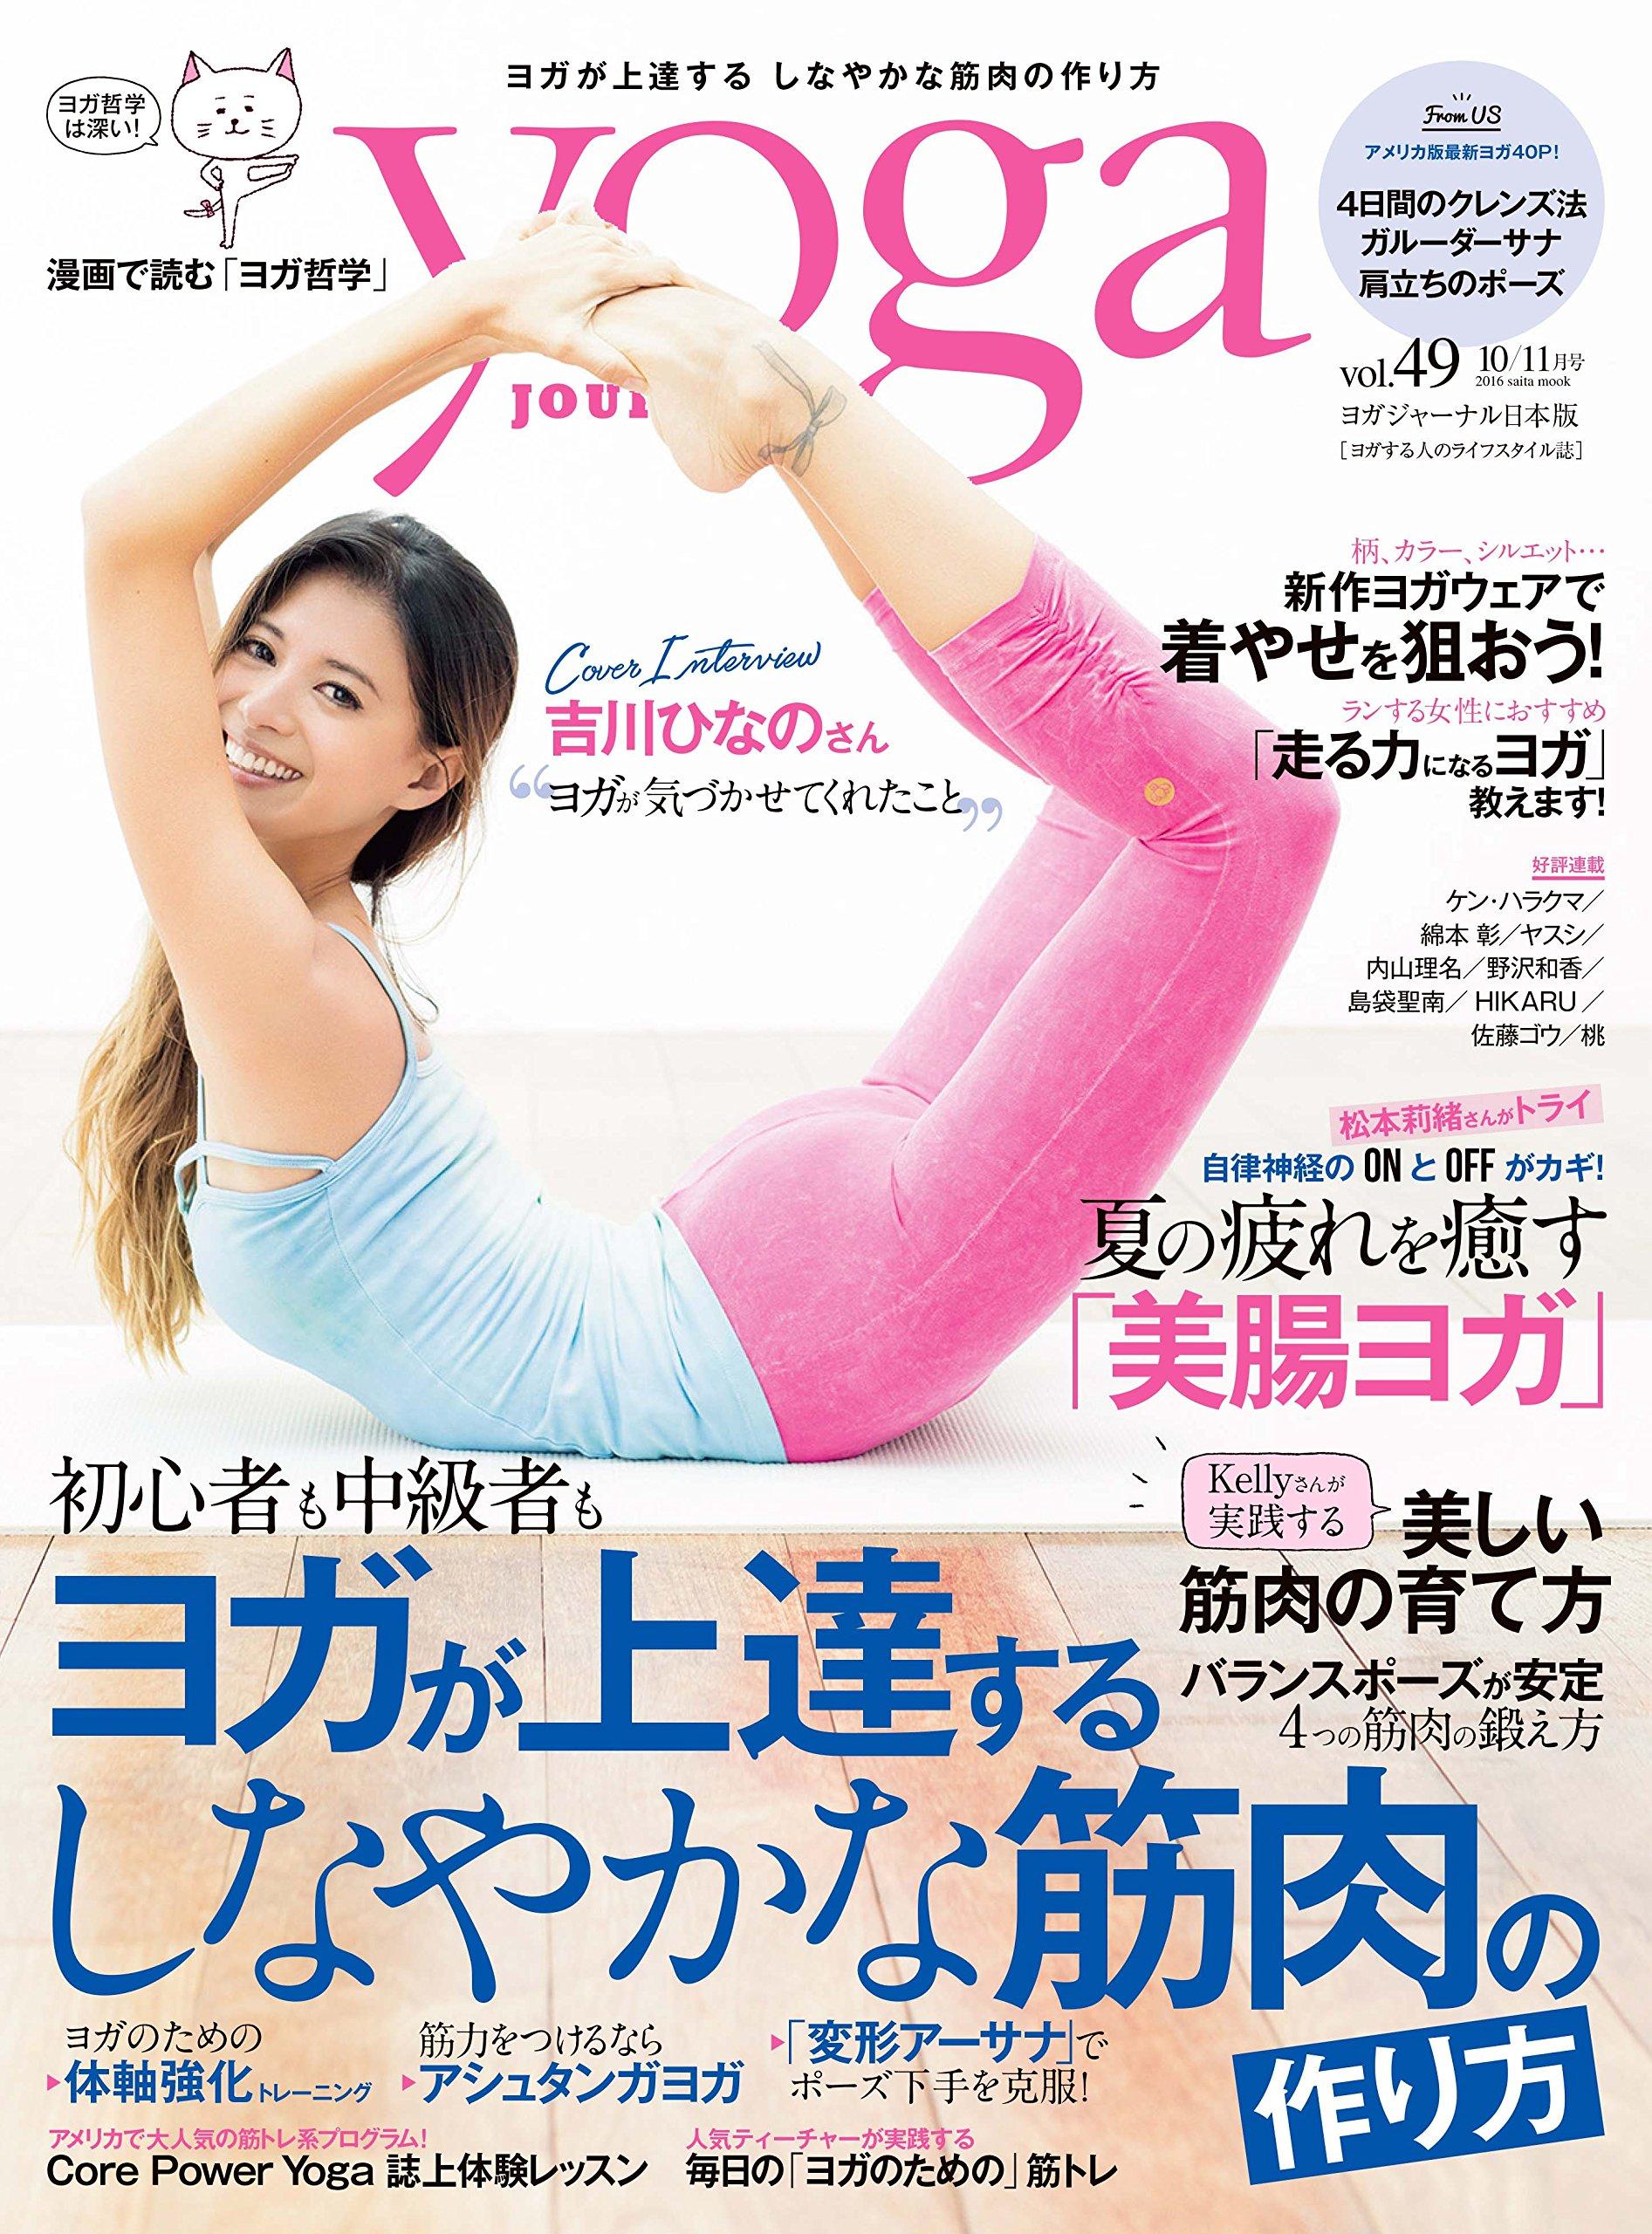 ヨガ専門誌「ヨガジャーナル日本版」で、enevu CUBE<エネヴューキューブ>が紹介されました